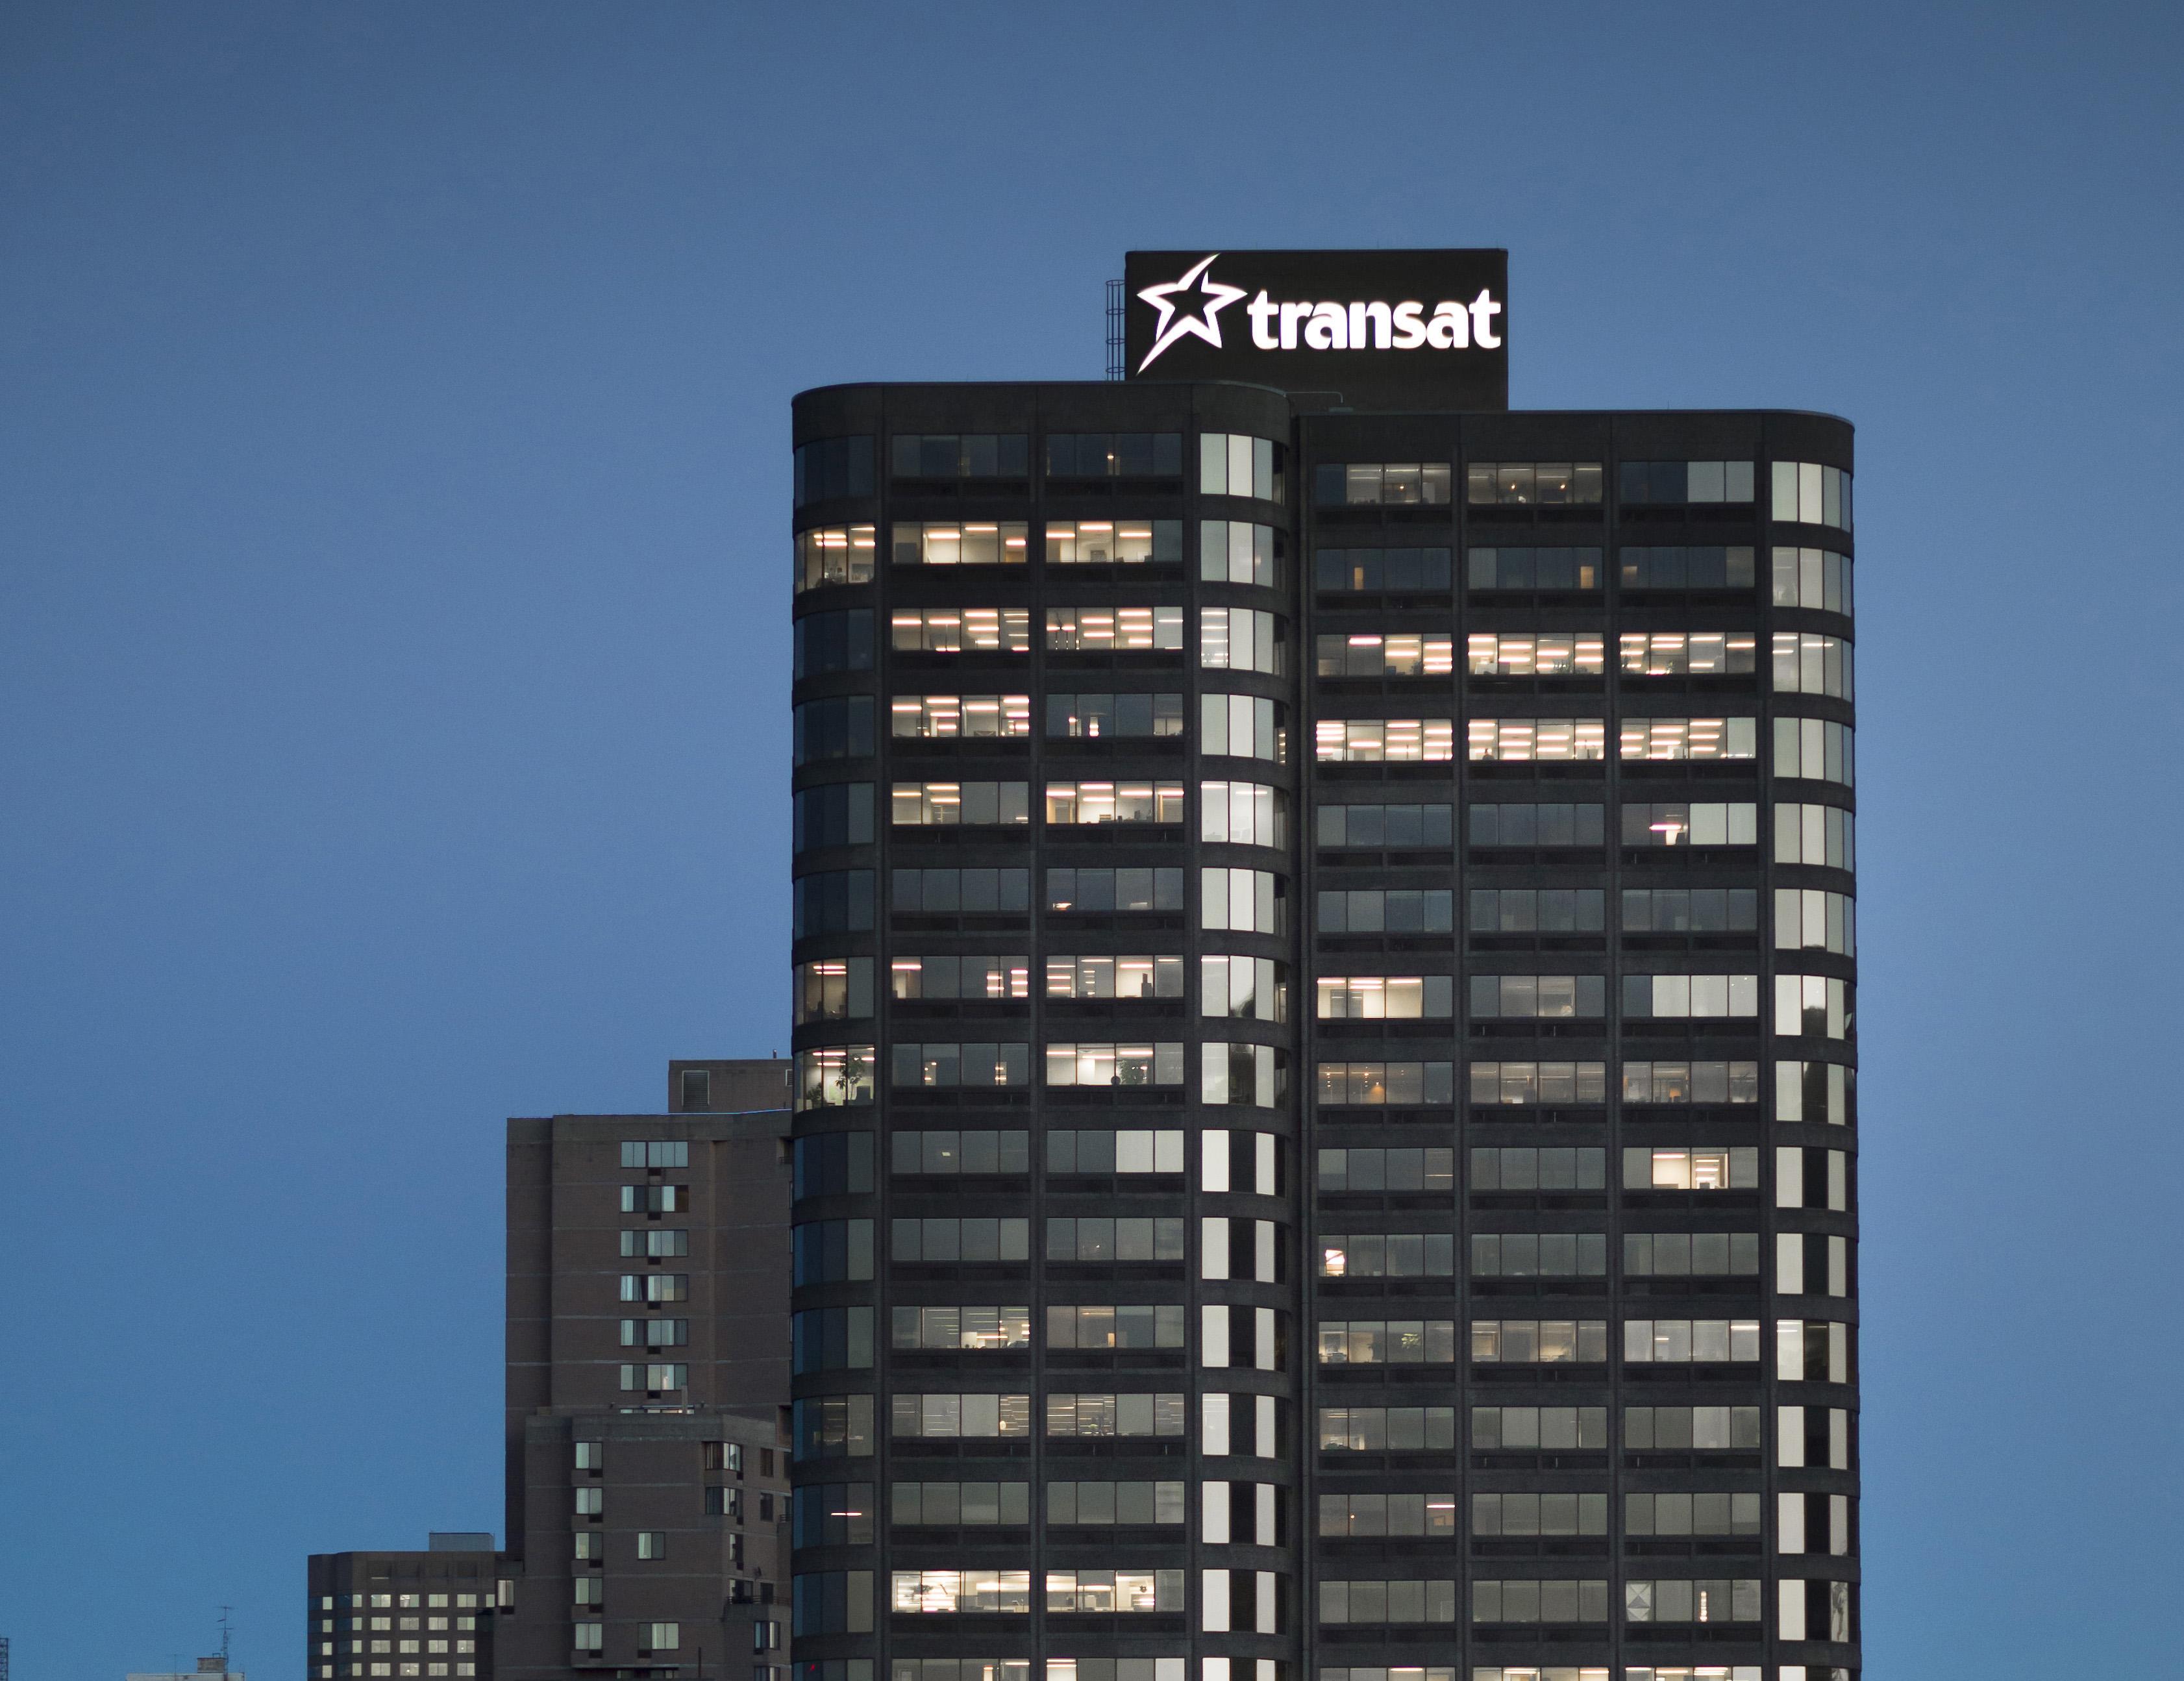 Transat lancera sa propre chaîne hôtelière